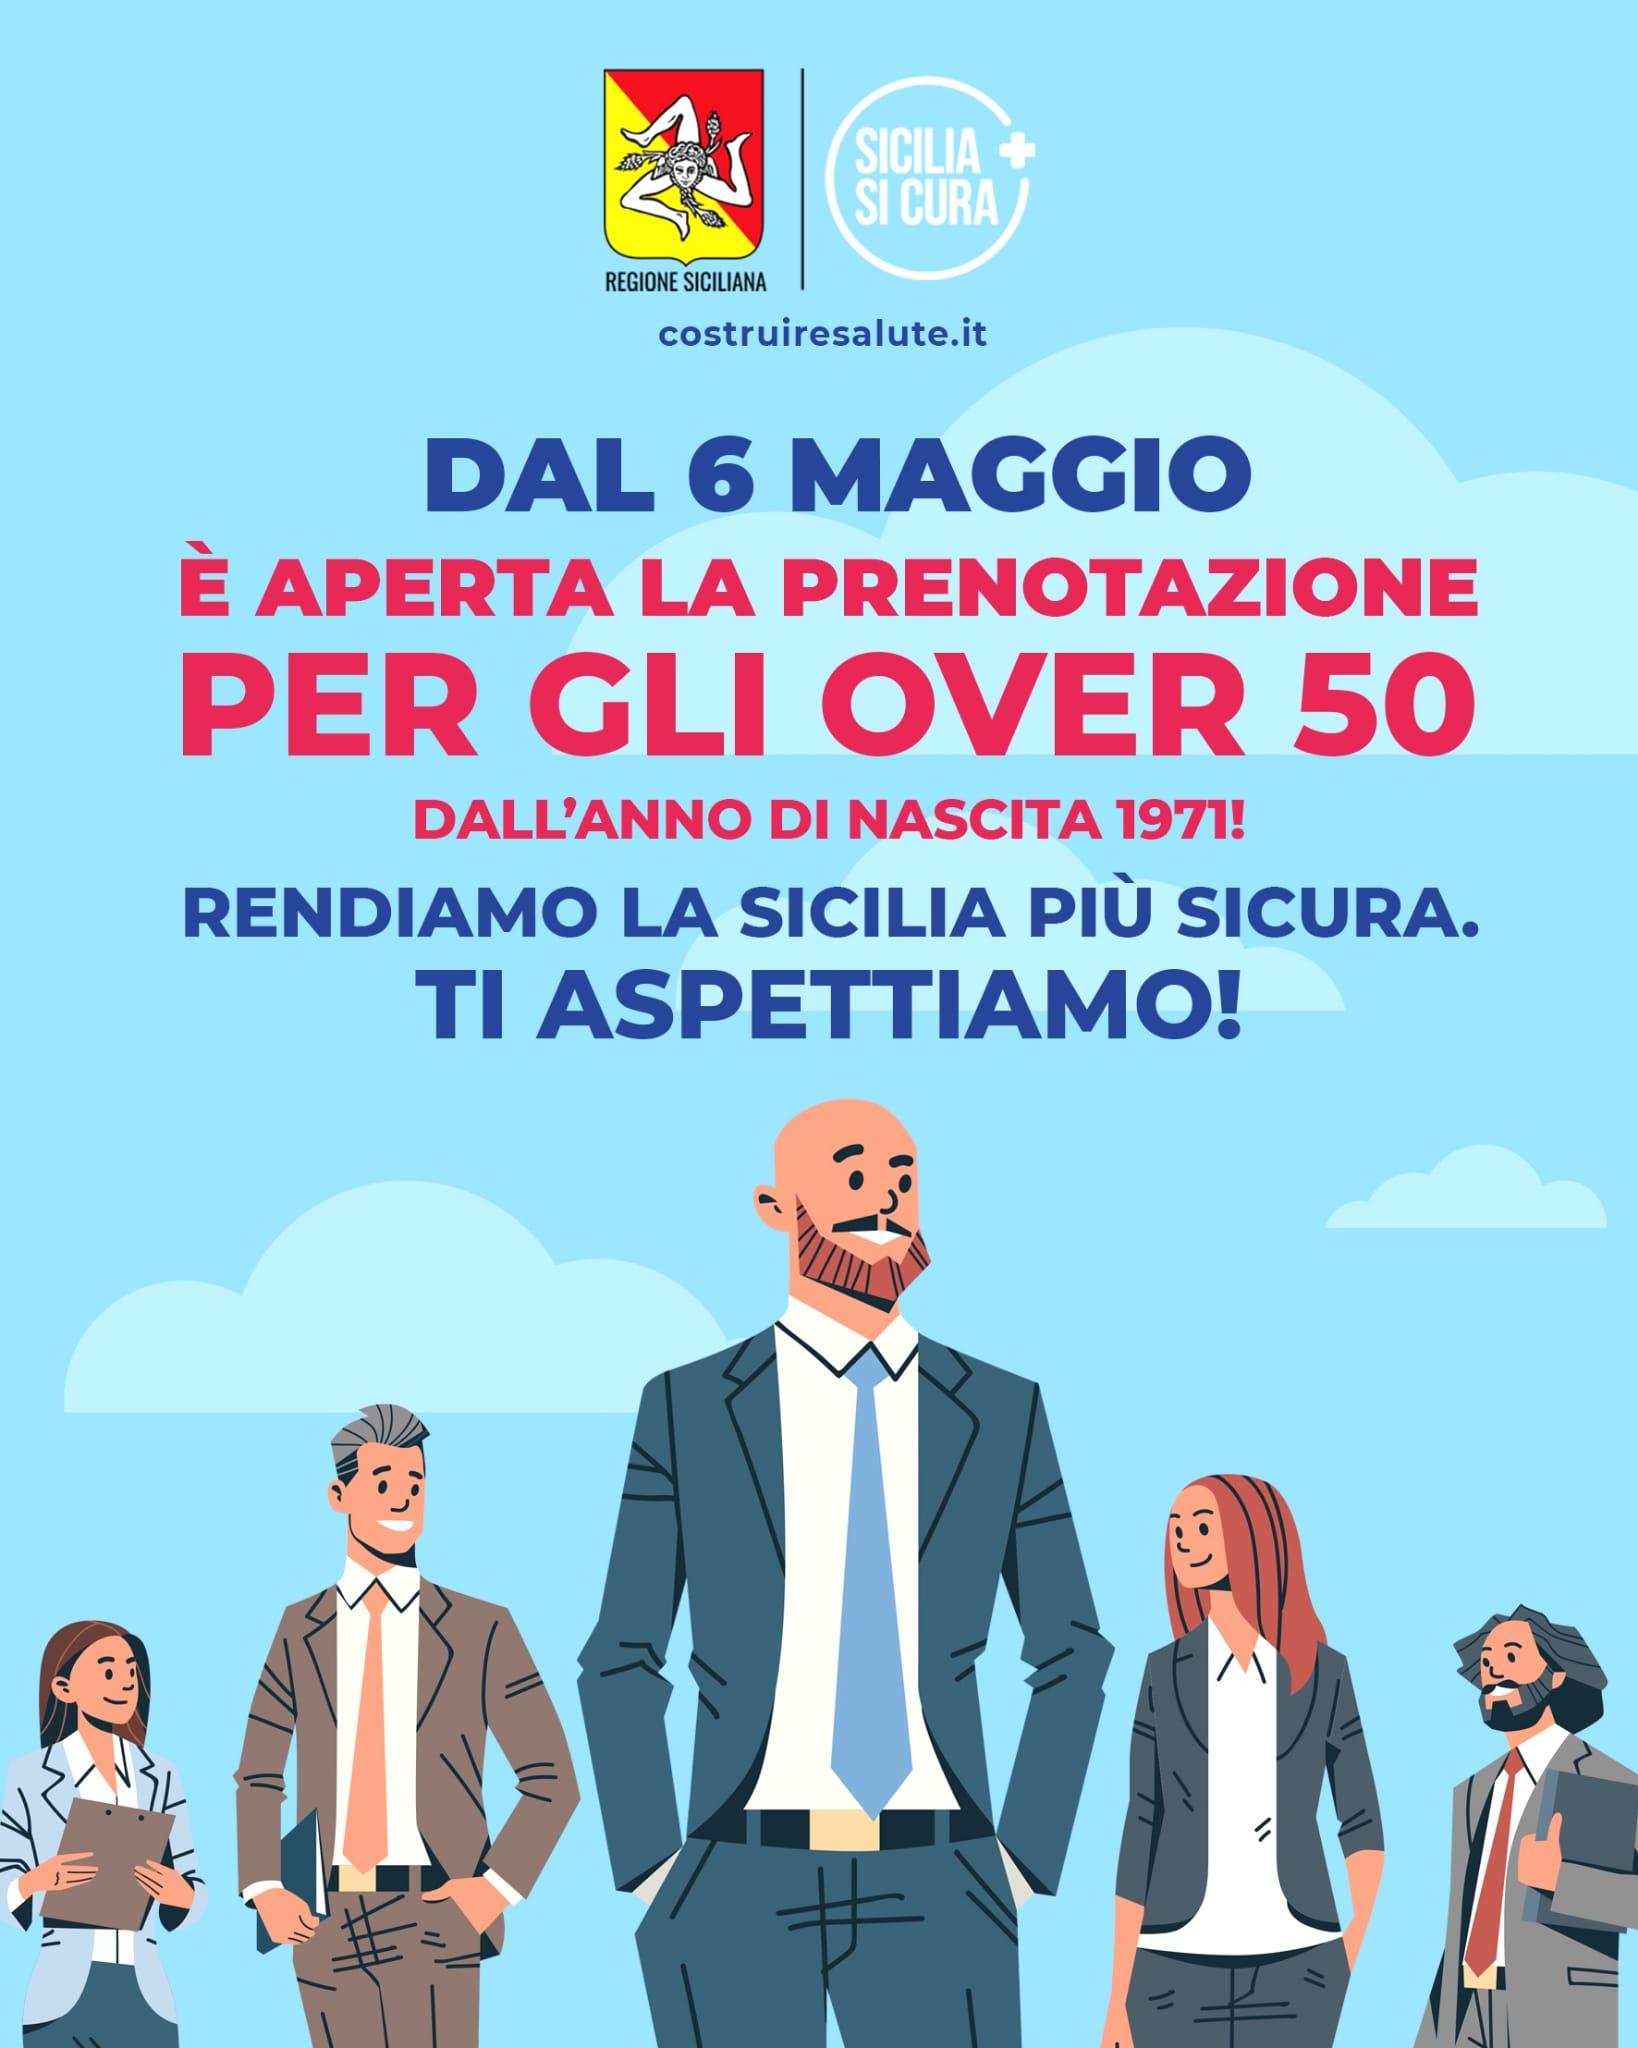 locandina per i vaccini covid agli over 50 in sicilia